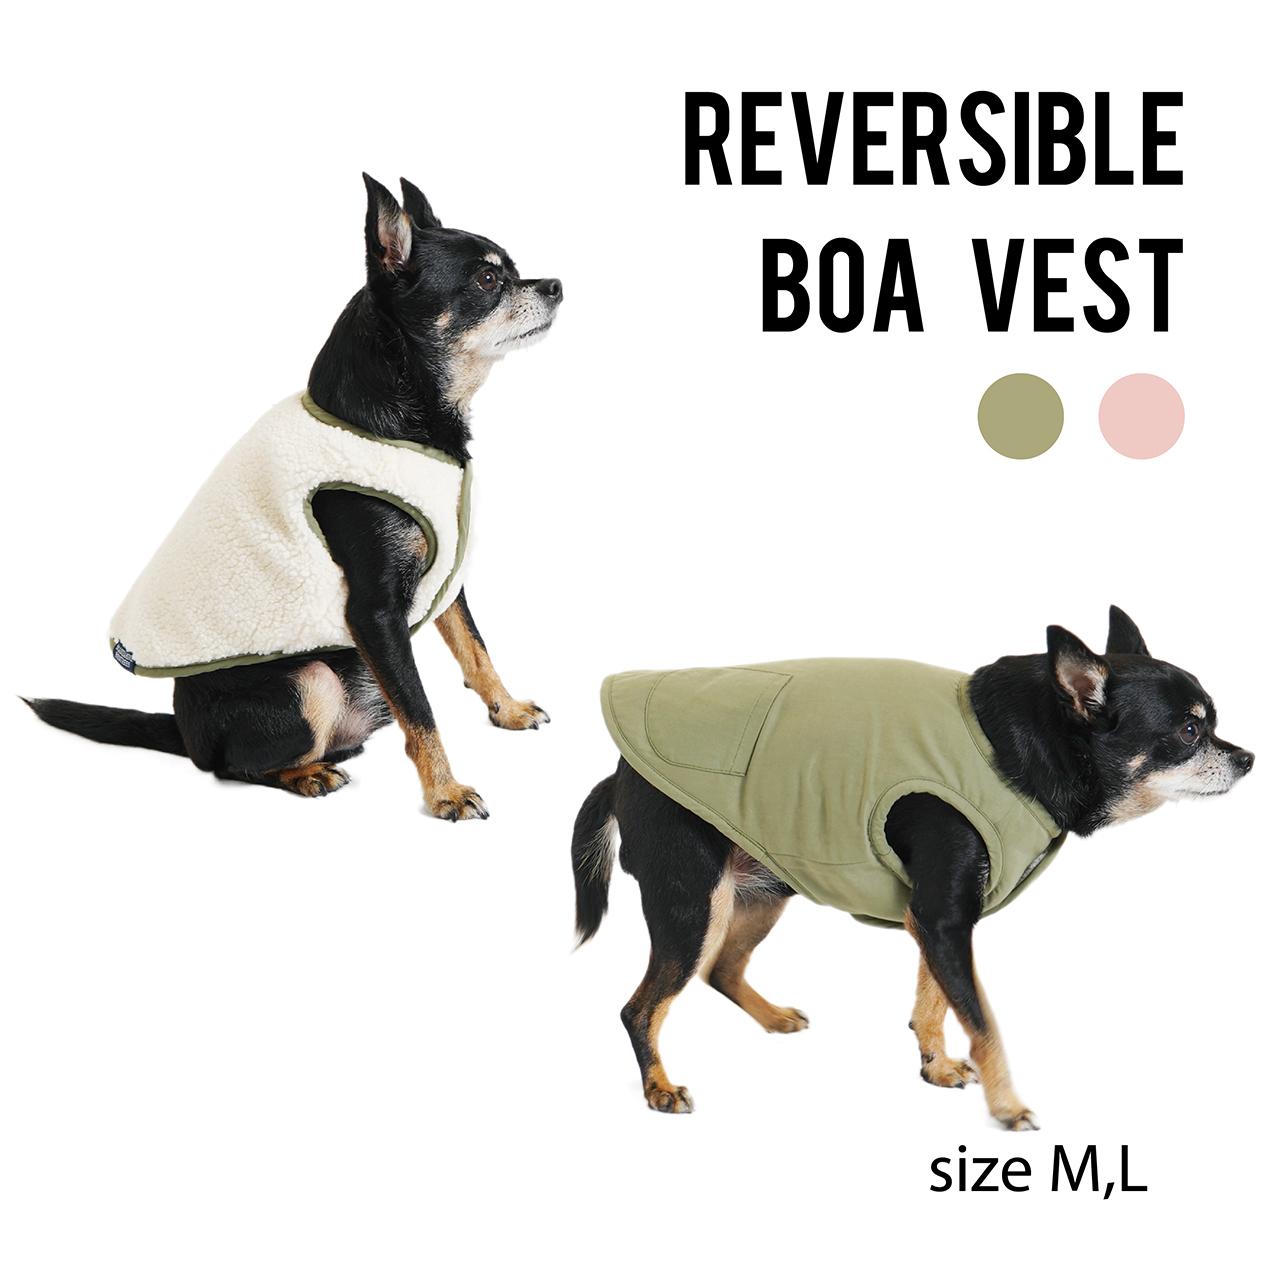 REVERSIBLE BOA VEST(M,L) リバーシブルボアベスト